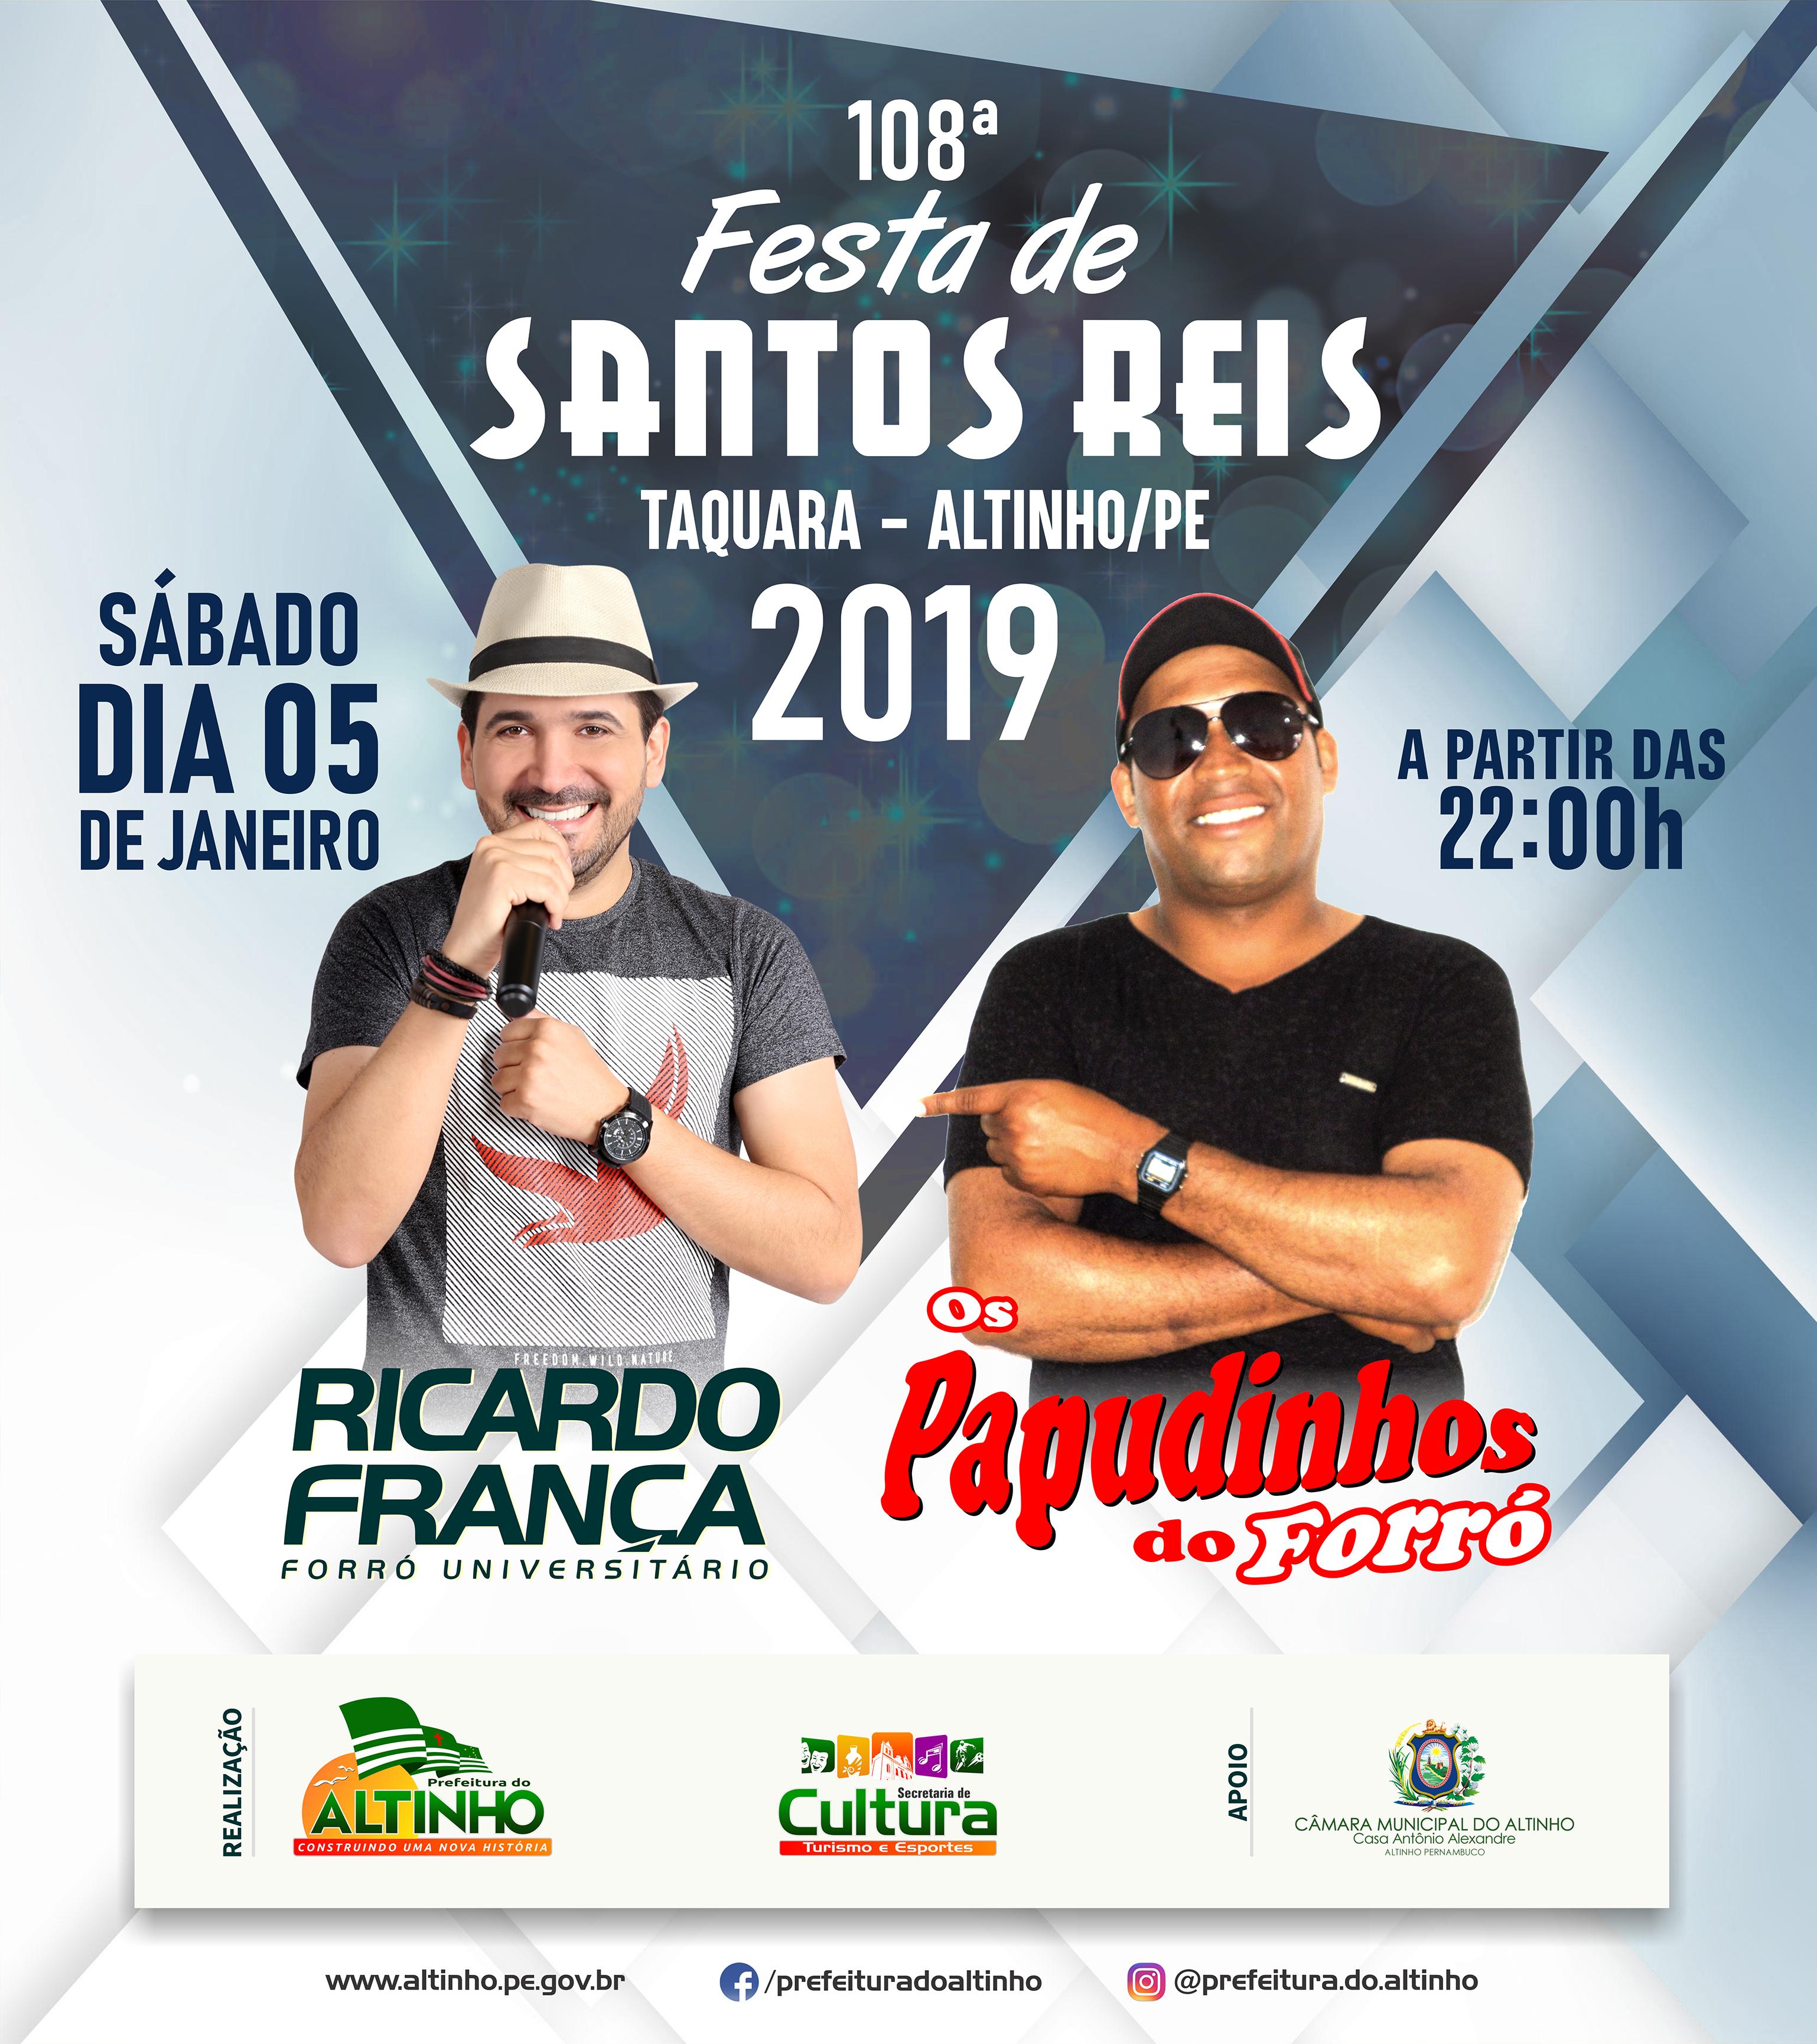 10352b8806d Prefeitura do Altinho » Programação da 108ª Festa de Santos Reis ...